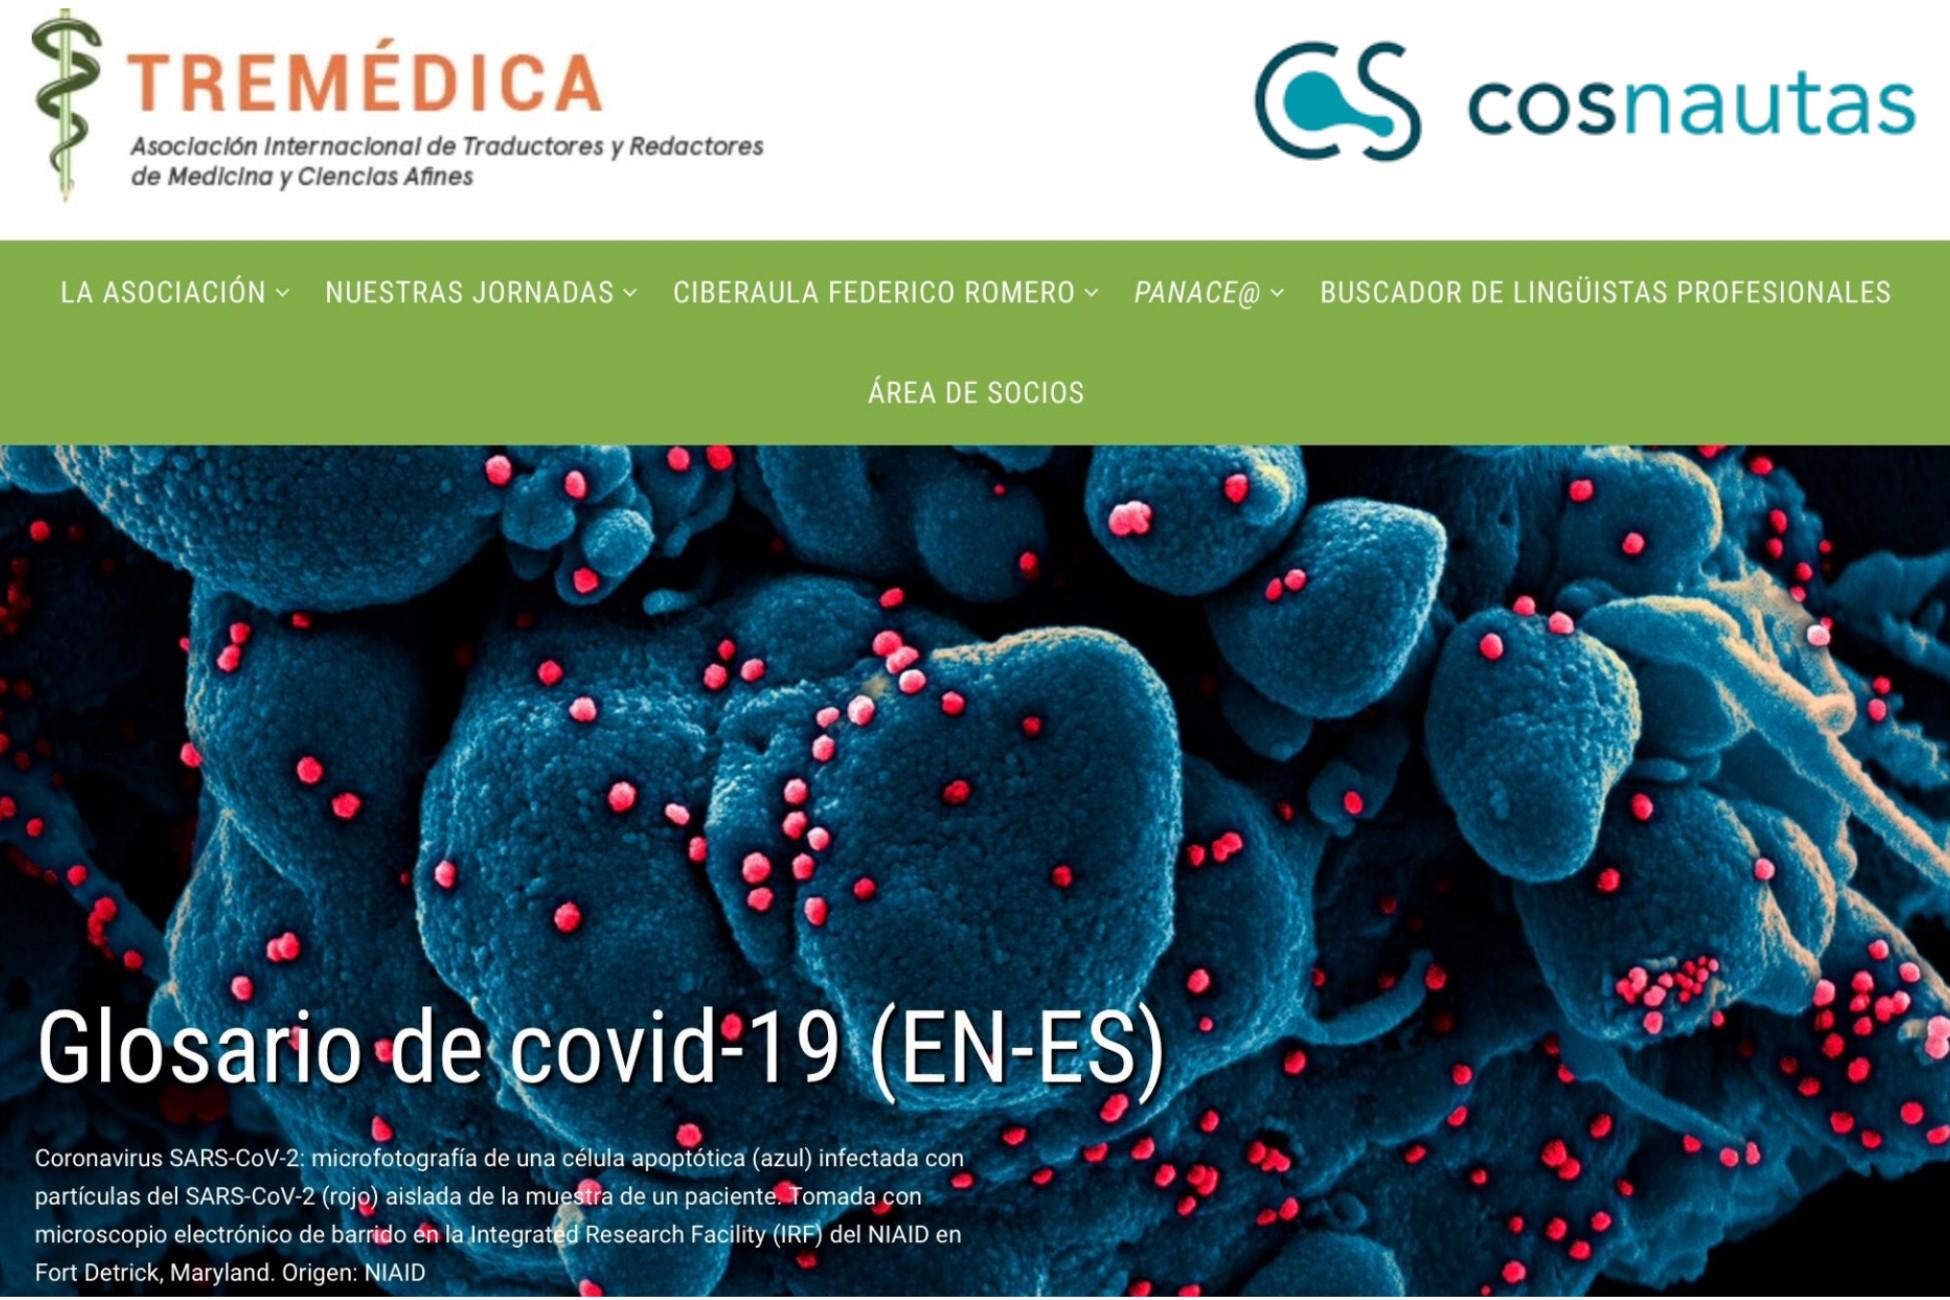 glosario de covid-19 inglés-español